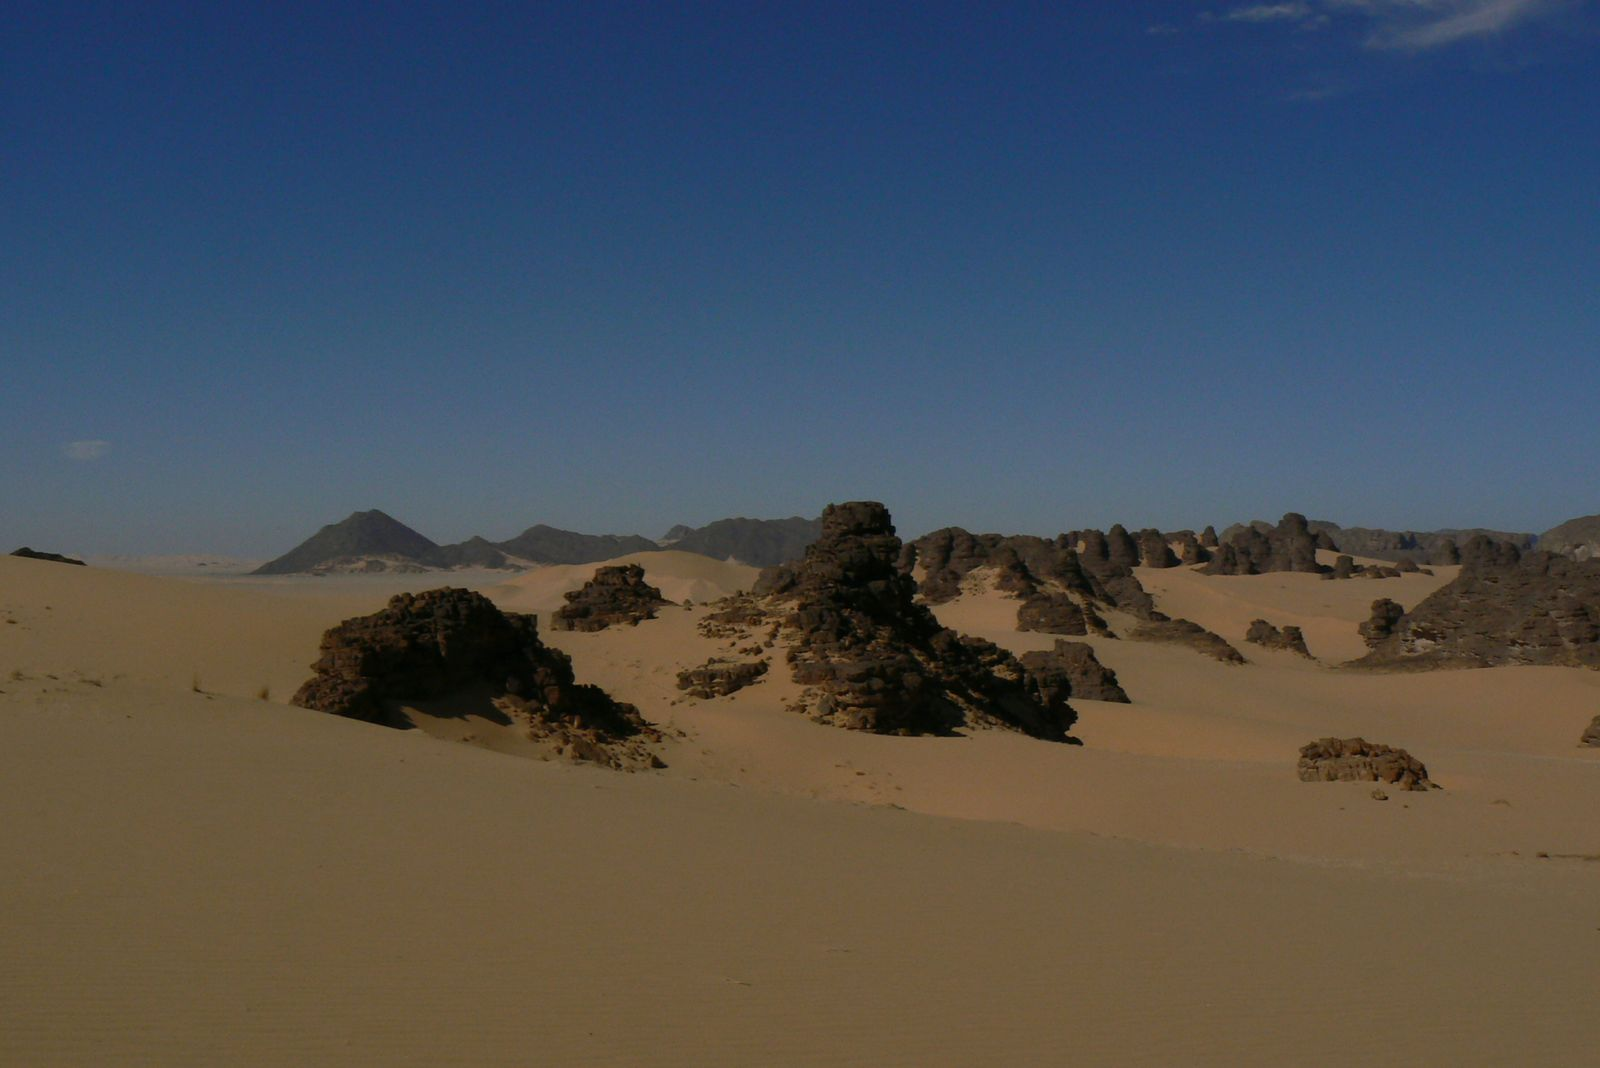 Sur une distance de 100 km environ de Djanet, une diversité incroyable de paysages, de couleurs, de formes